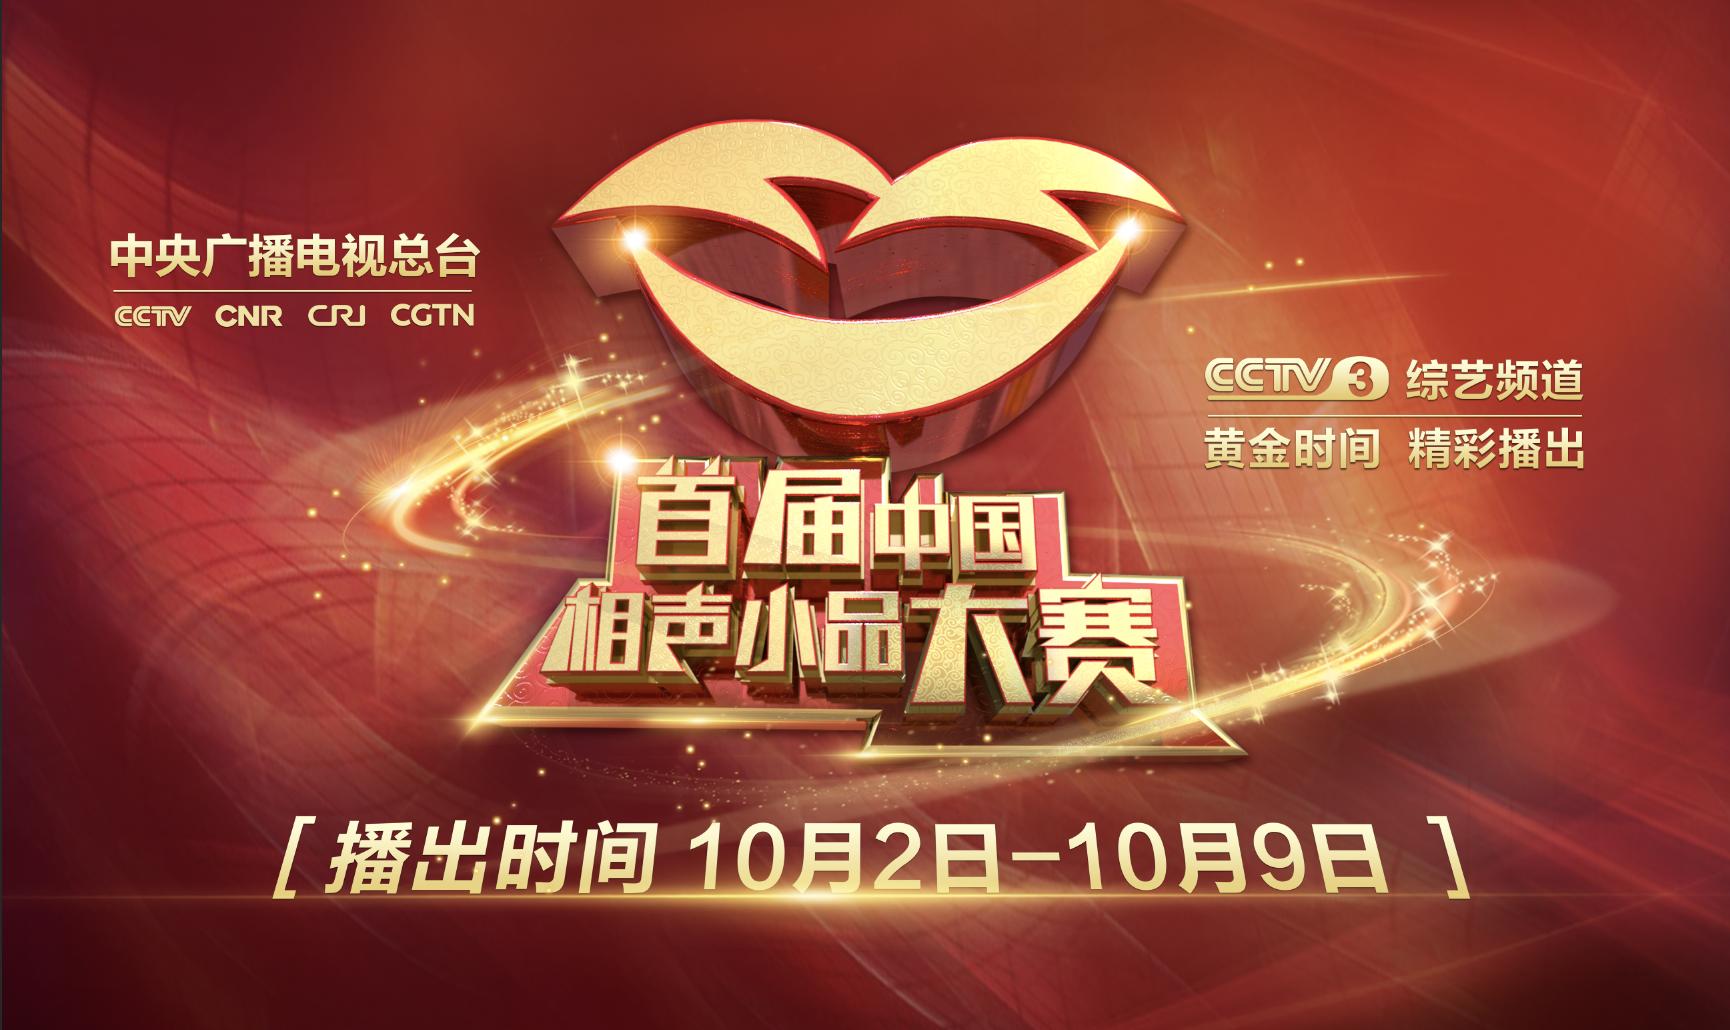 《首届中国相声小品大赛》将播 冯巩蔡明寄语新秀[标签:关键词]